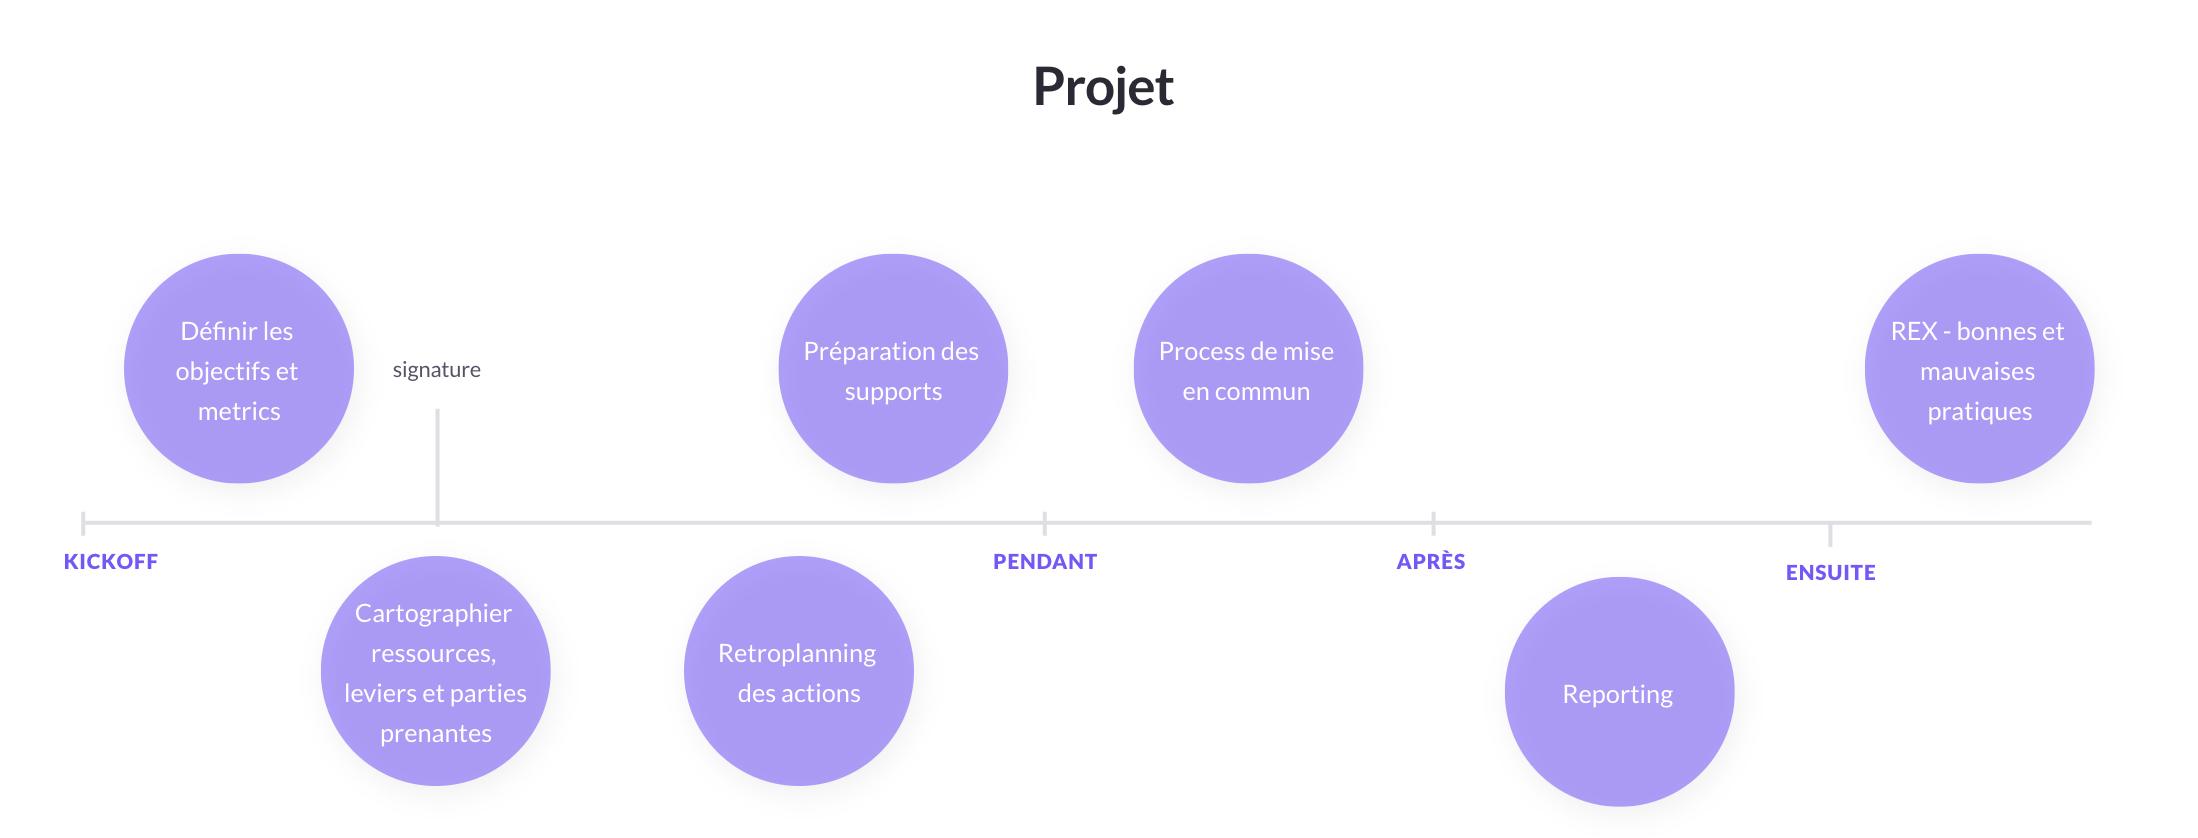 Les grandes étapes d'un partenariat